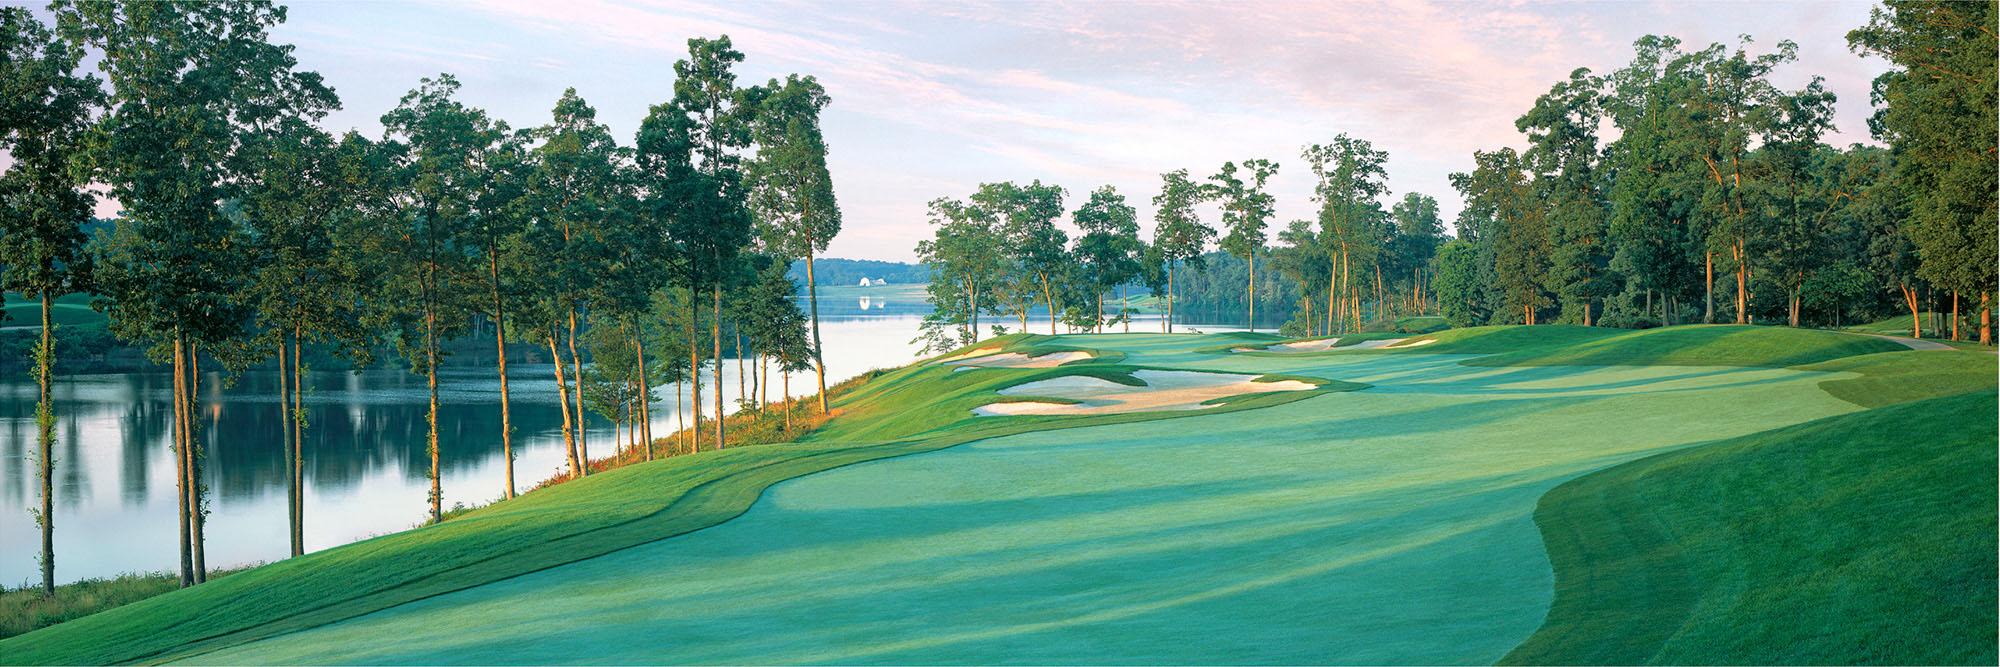 Golf Course Image - Robert Trent Jones No. 10